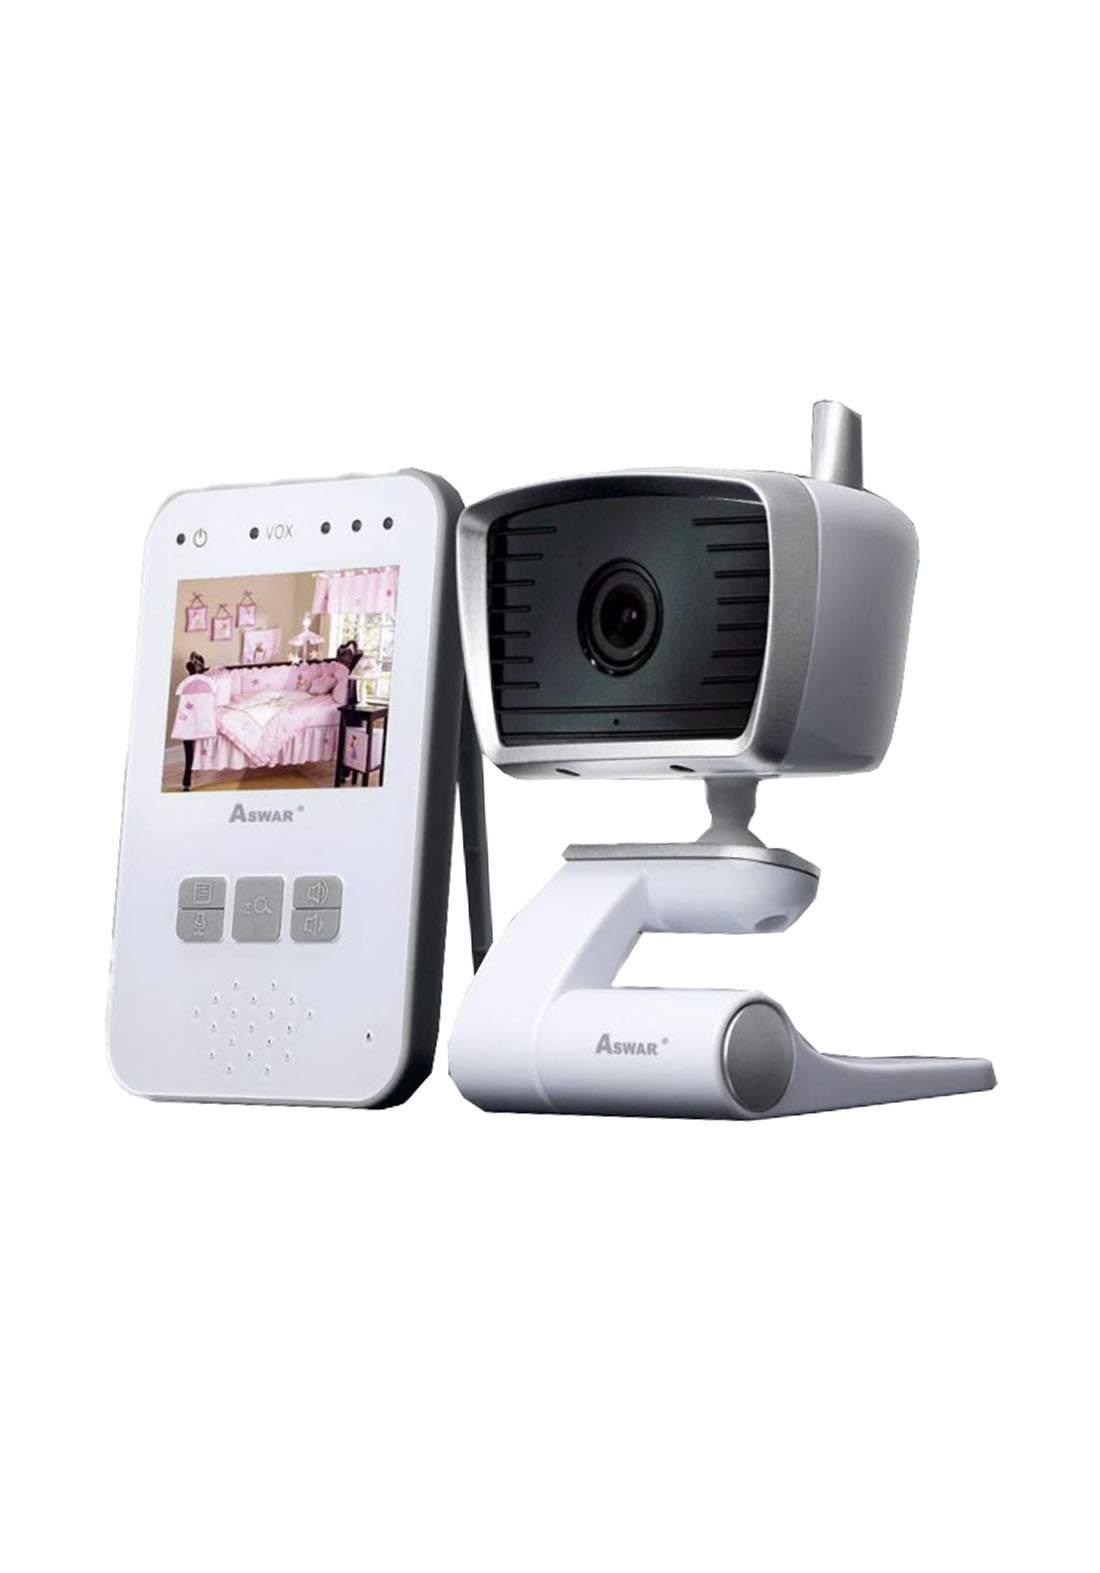 Aswar AS-HDQ-BKIT Video Baby Monitor - White كاميرا مراقبة للأطفال